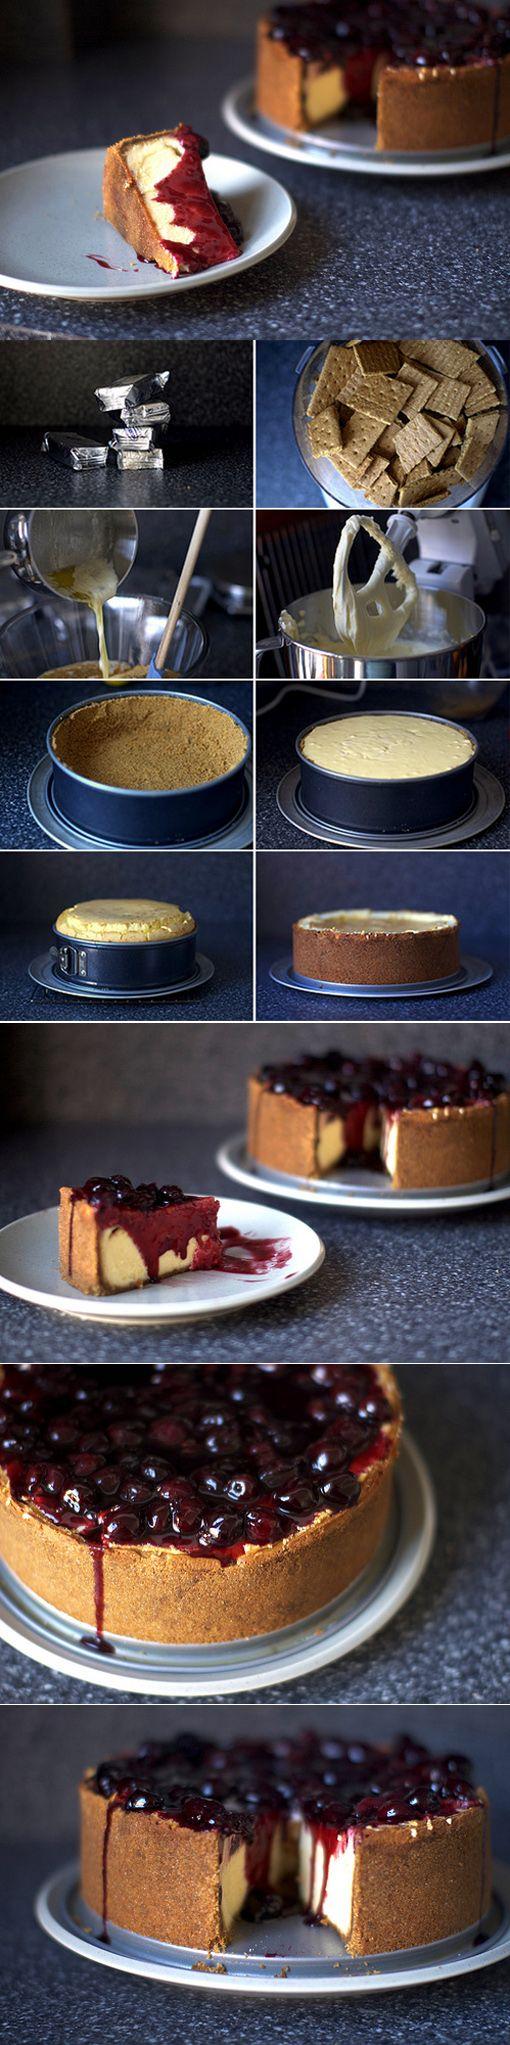 Una receta increible del New York Cheesecake / http://smittenkitchen.com/